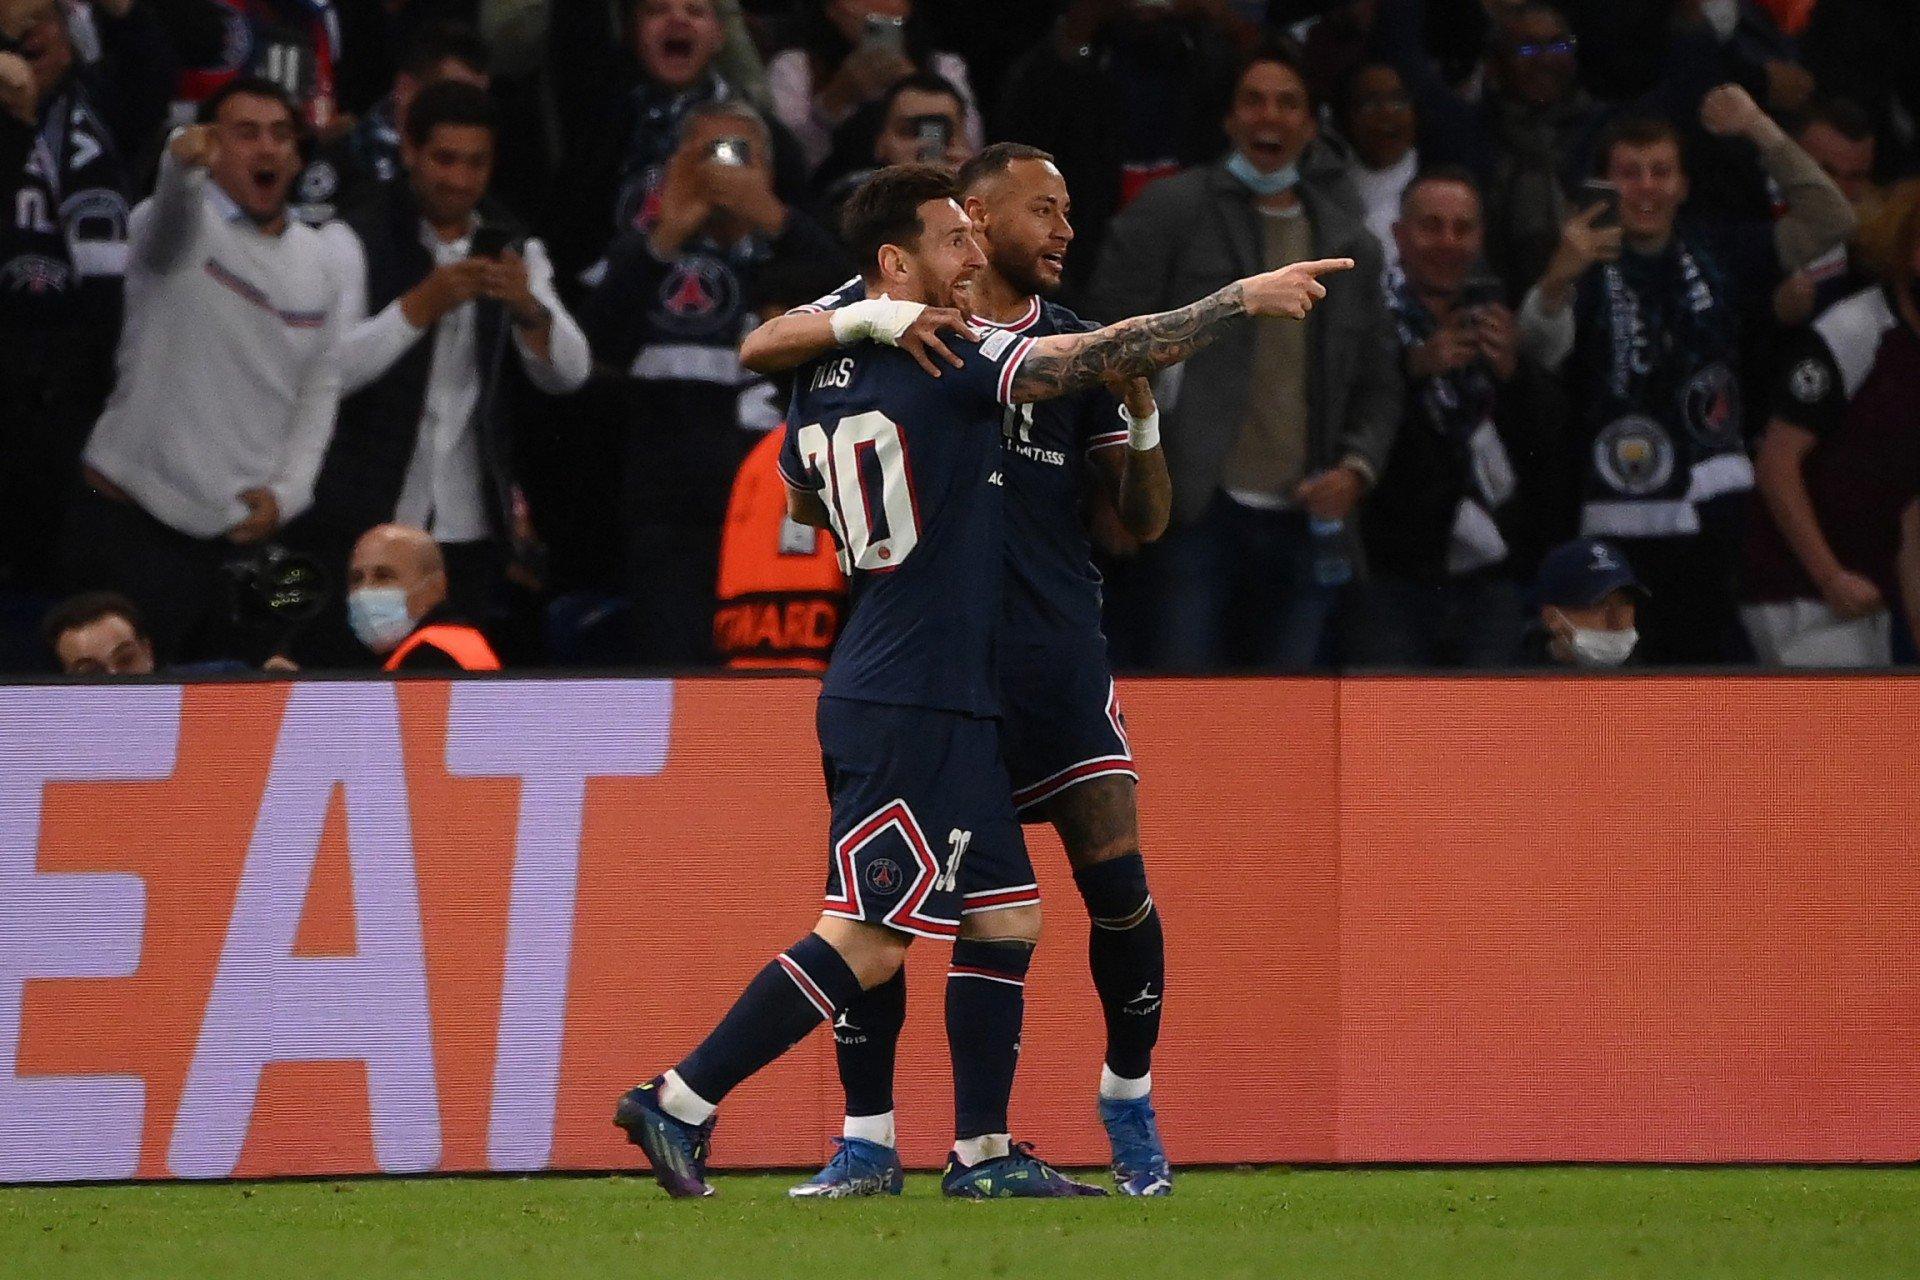 Messi desencanta com bonito gol e PSG vence o City por 2 a 0 na Liga dos Campeões